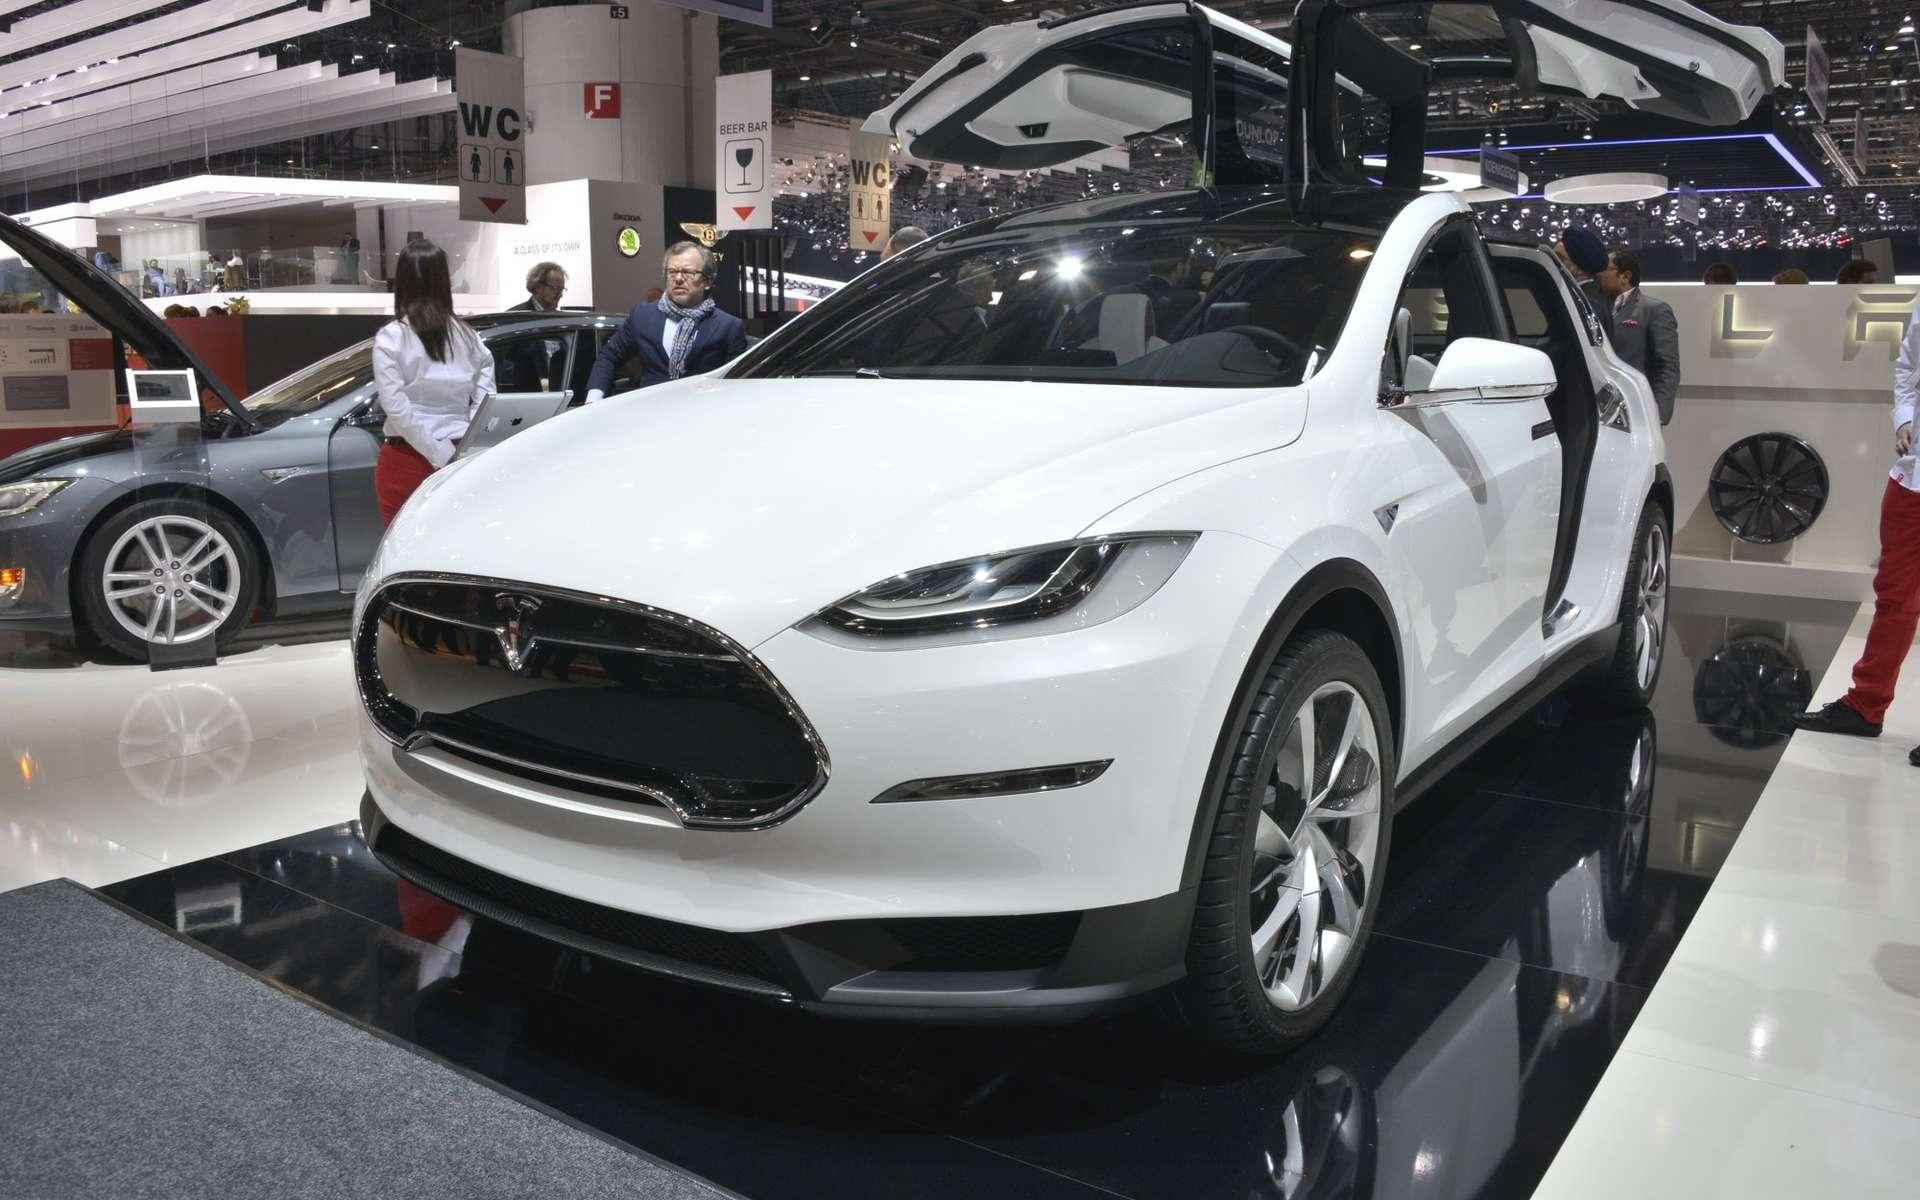 Le Tesla Model X lors du Salon de l'automobile de Genève, en mars 2013, alors qu'il était au stade de concept. Il faudra attendre 2015 pour se procurer le Model E, plus grand public. © Newspress